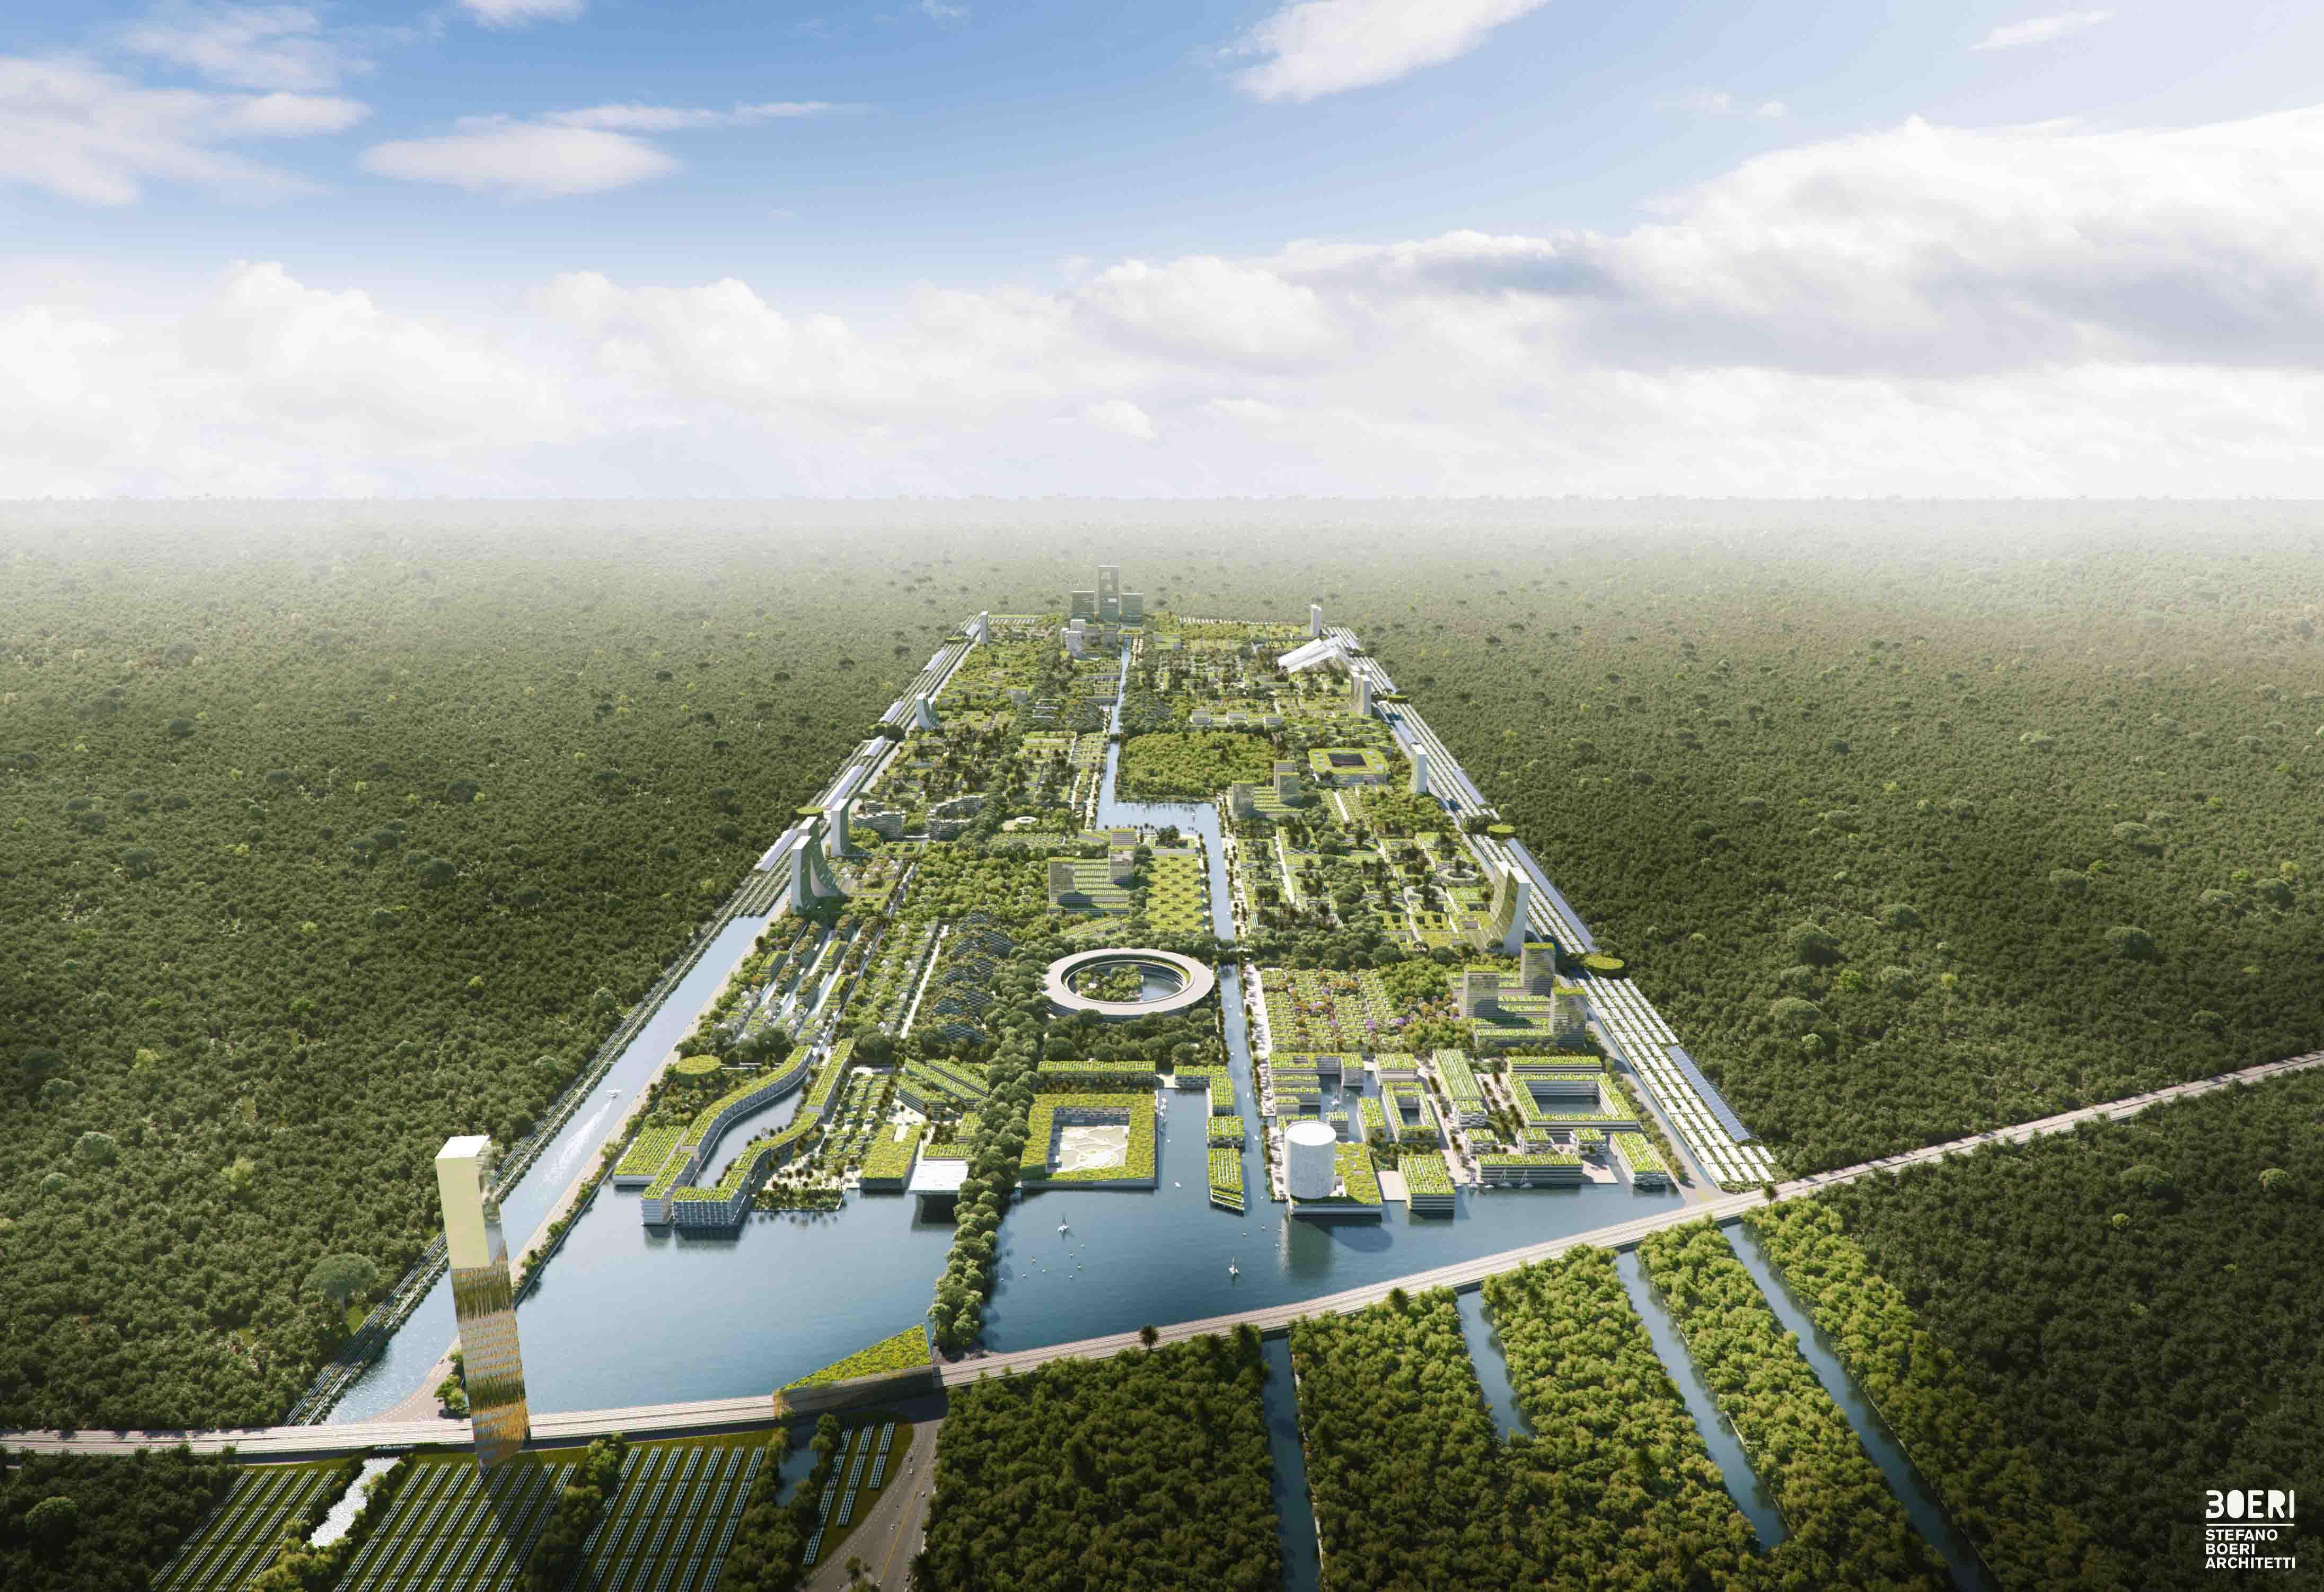 Ci saranno 577 ettari di verde